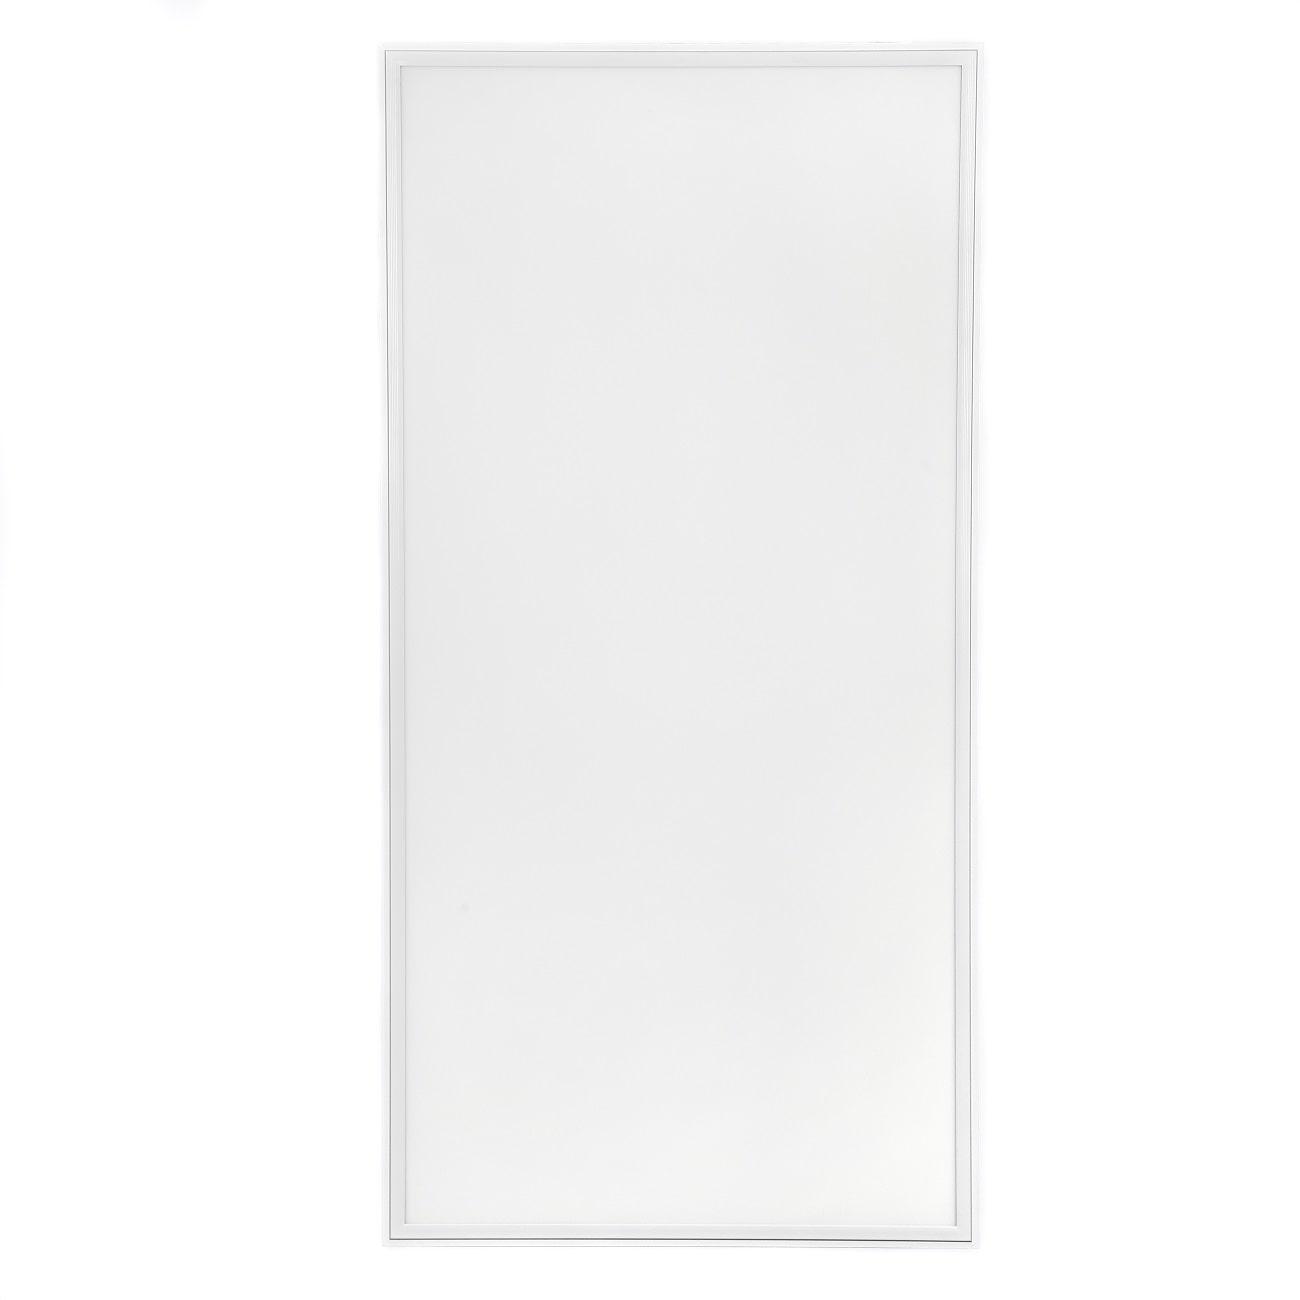 Светодиодное освещение - Панель светодиодная 600х1200мм 80Вт Lezard 6400K 000001155 - Фото 2